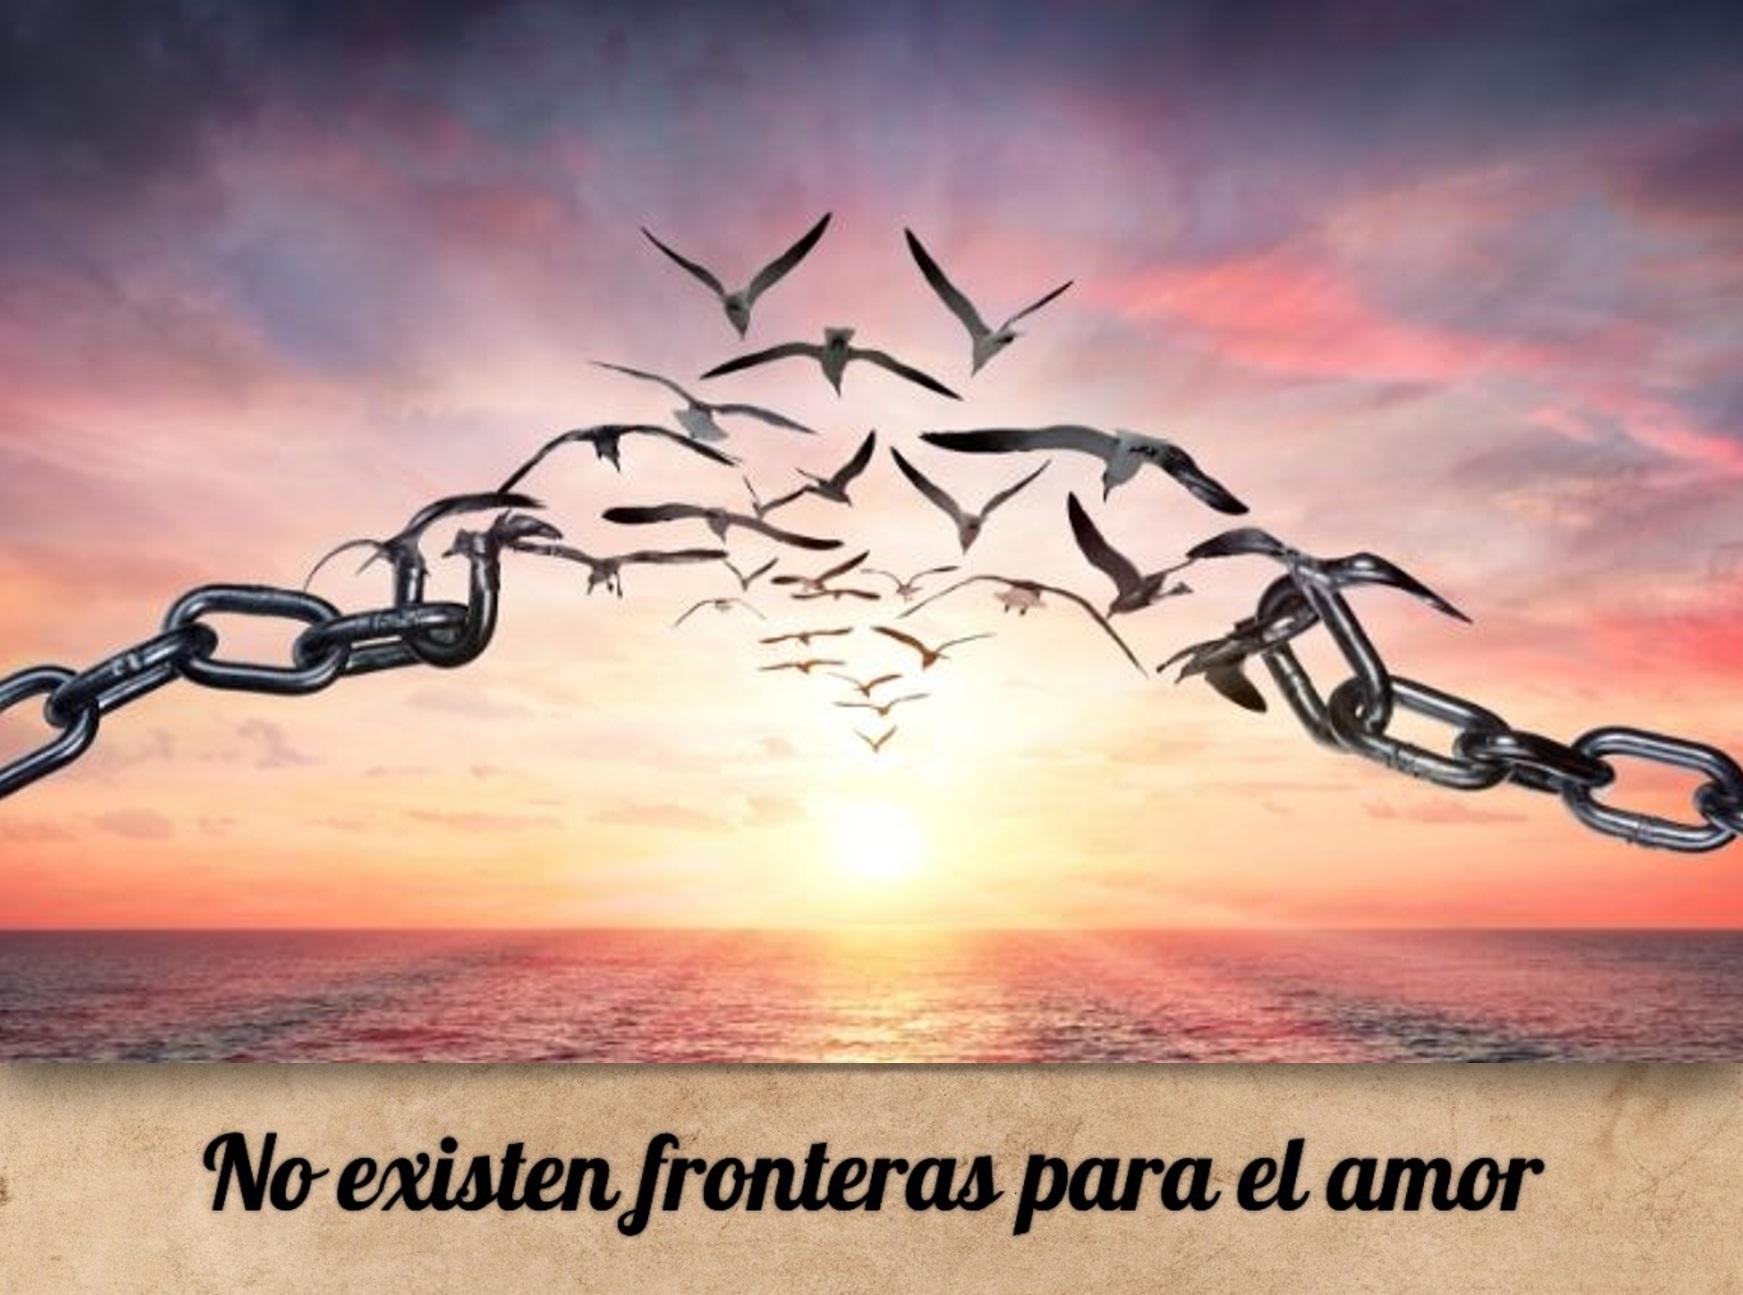 No existen fronteras2